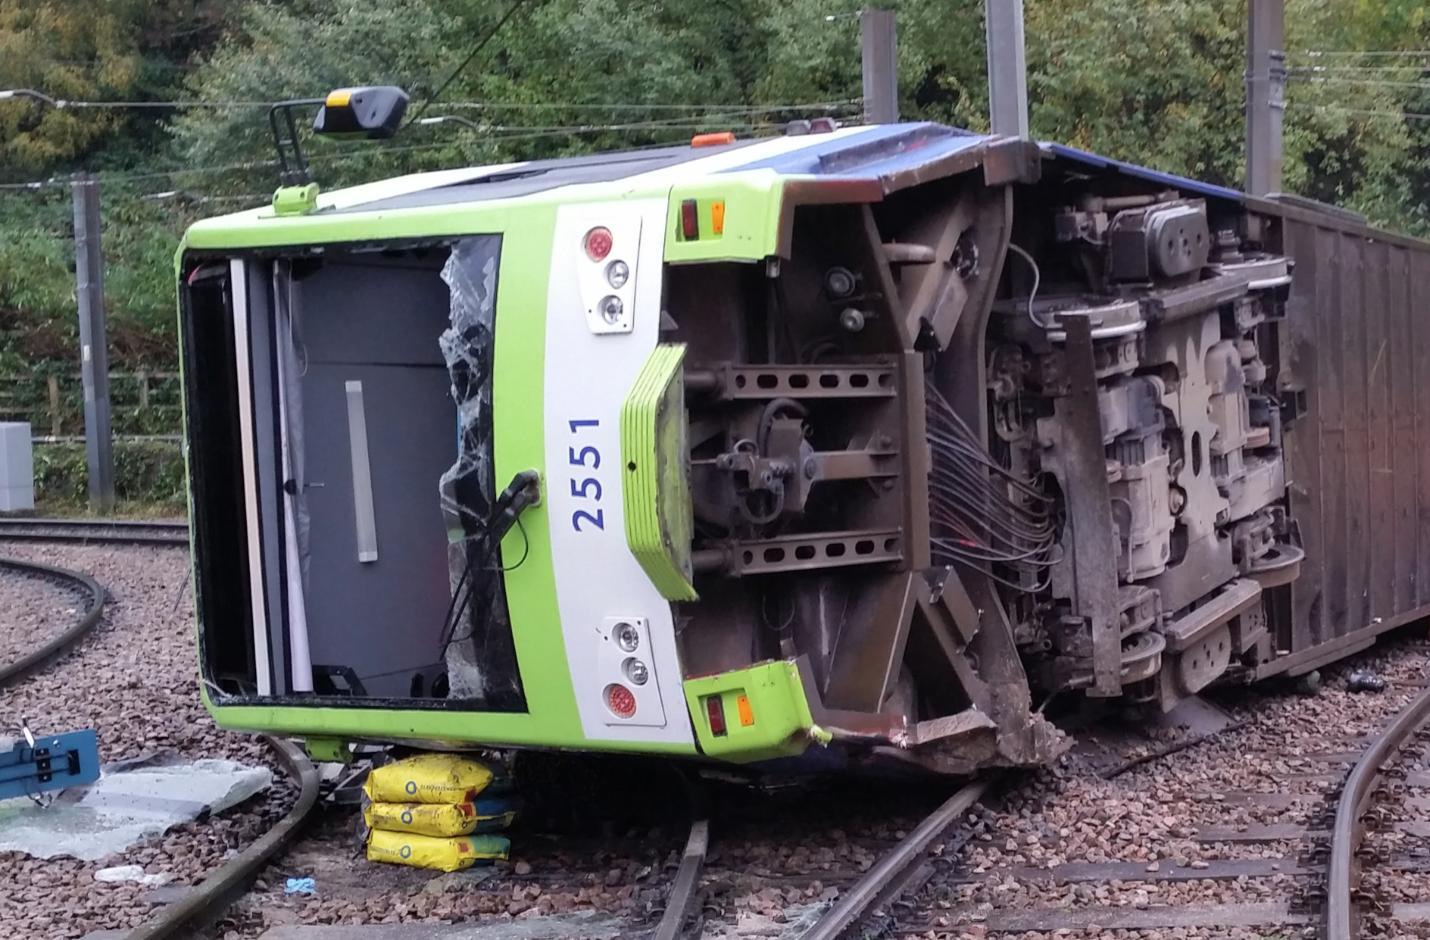 Croydon Tram Crash close-up